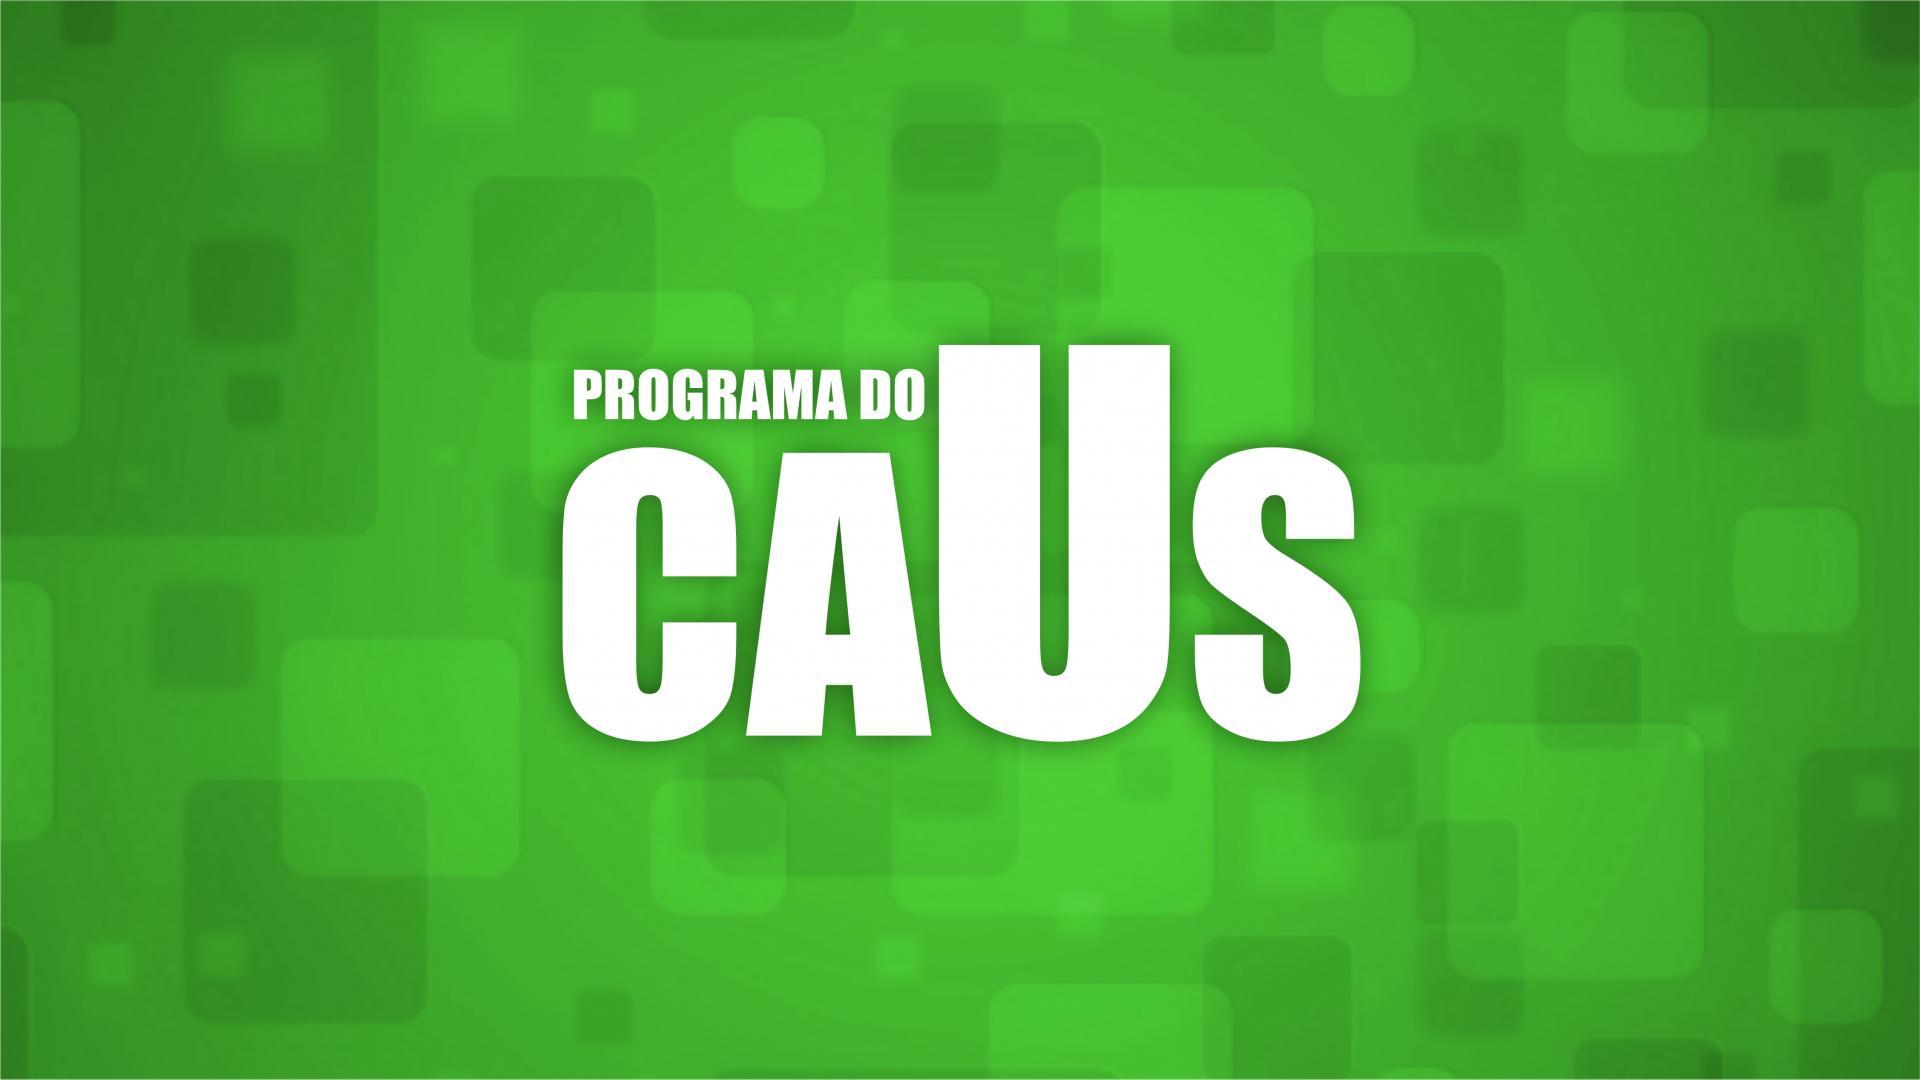 Programa do Caus 009